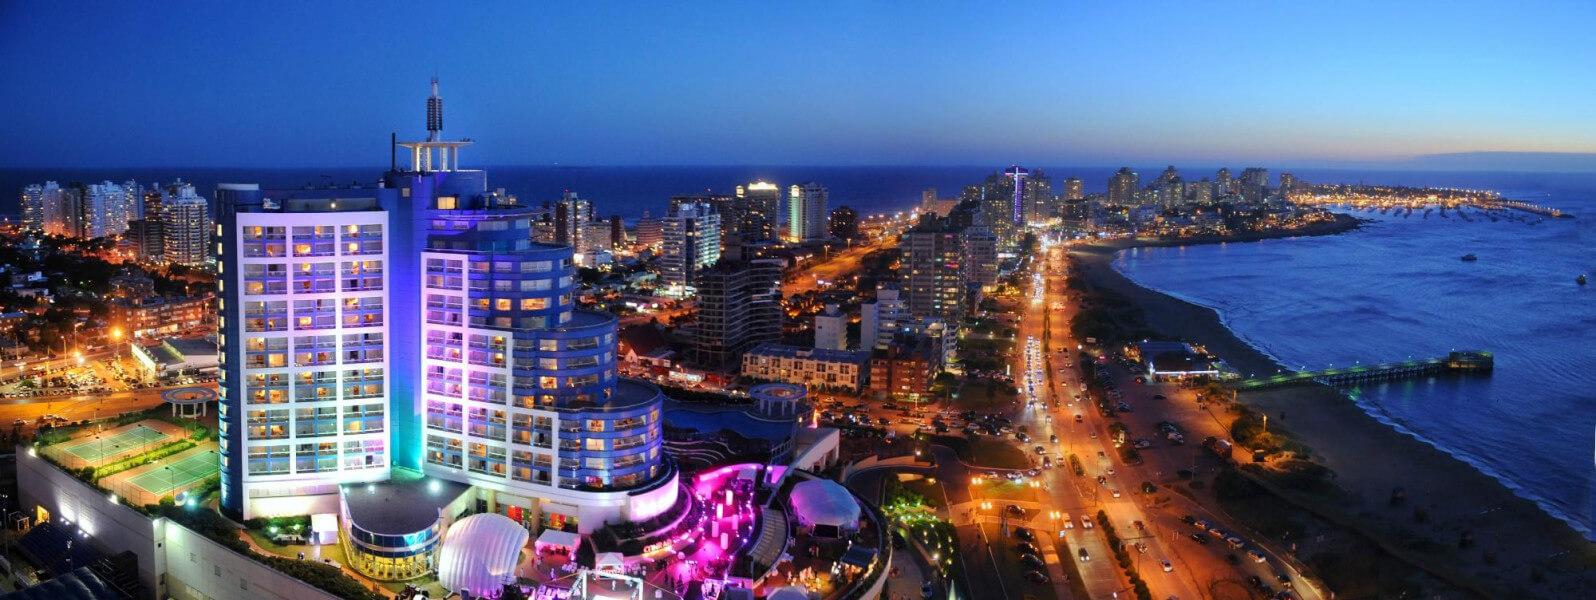 Montevideo - Punta del Este